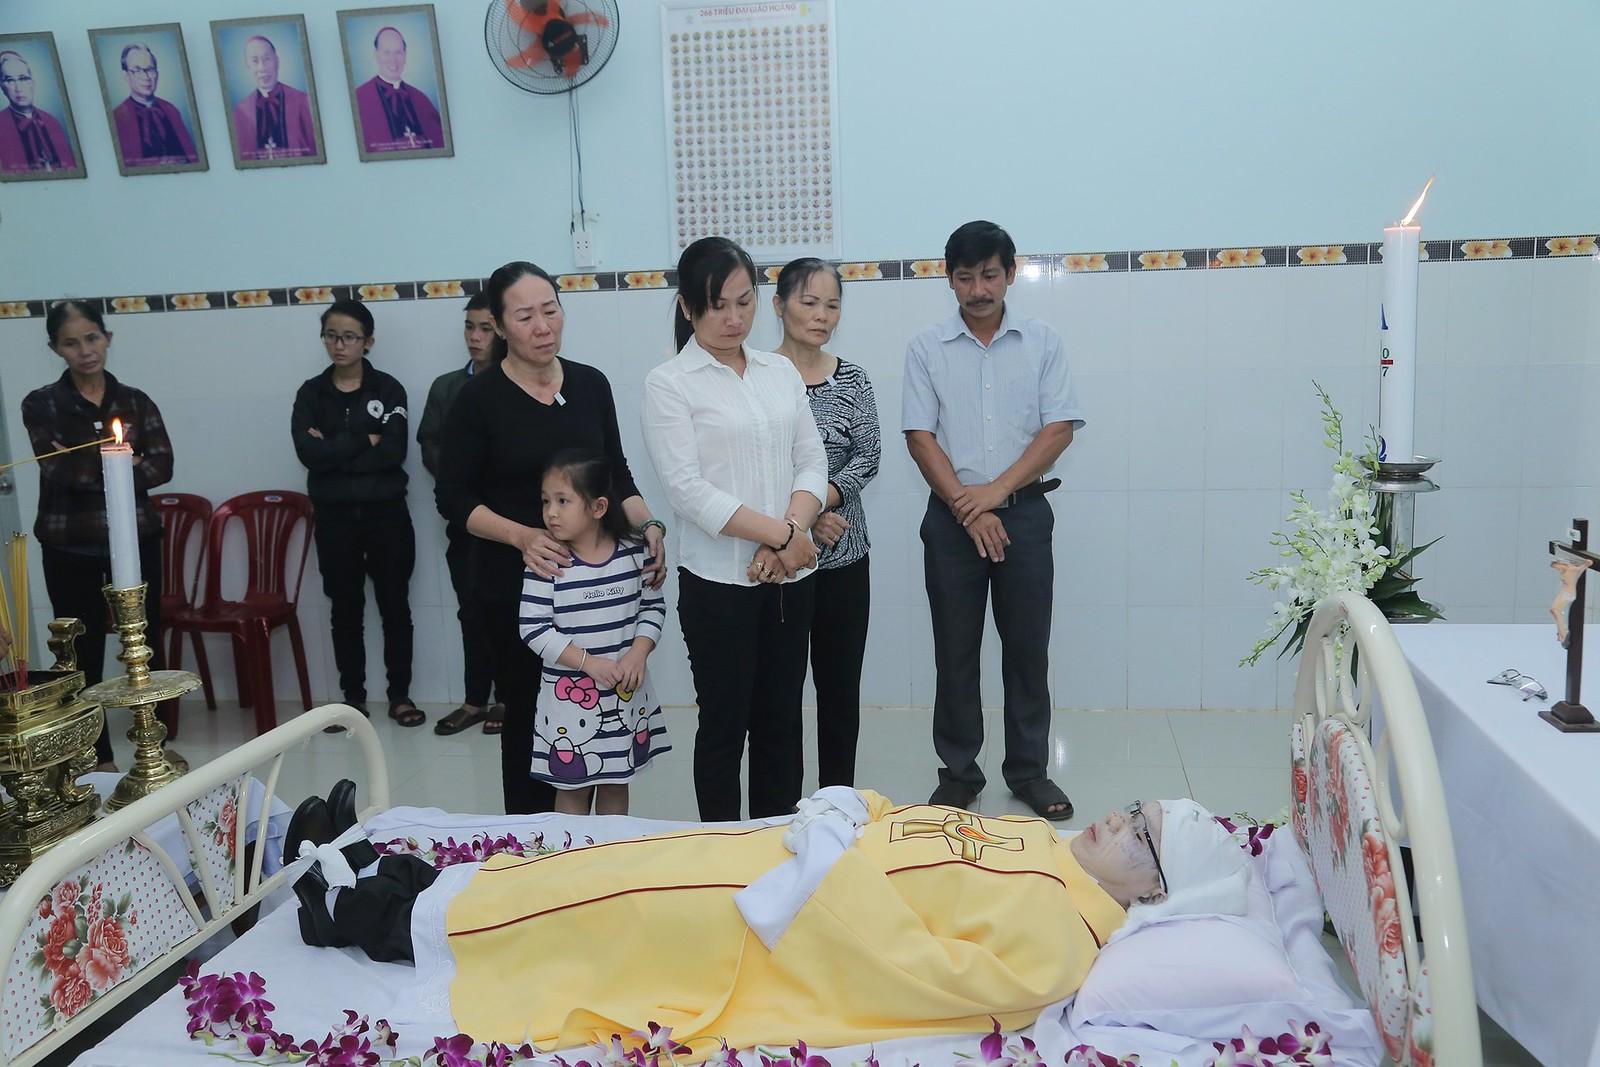 Cầu nguyện cho linh hồn Cha Giuse Đặng Đình An, Cha qua đời vì tai nạn giao thông - Ảnh minh hoạ 7